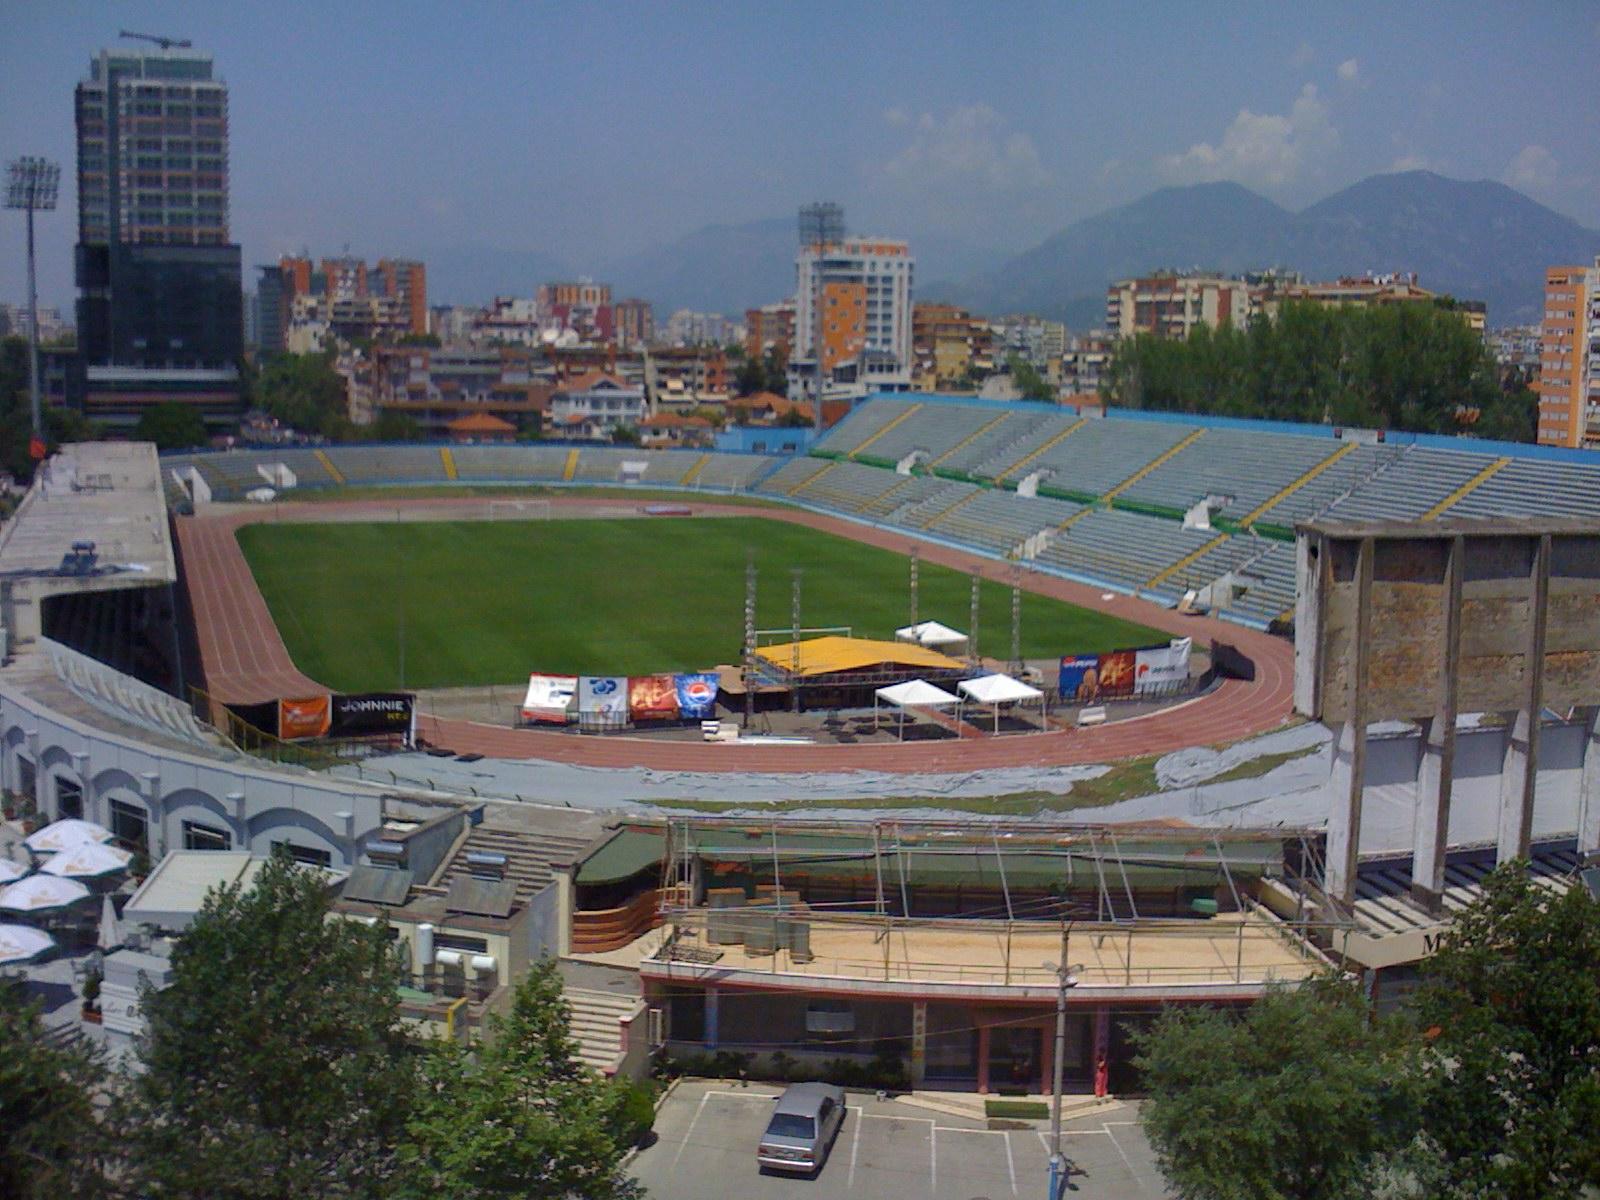 Azərbaycan yığması Roza Haciu stadionuna ayaq basır -